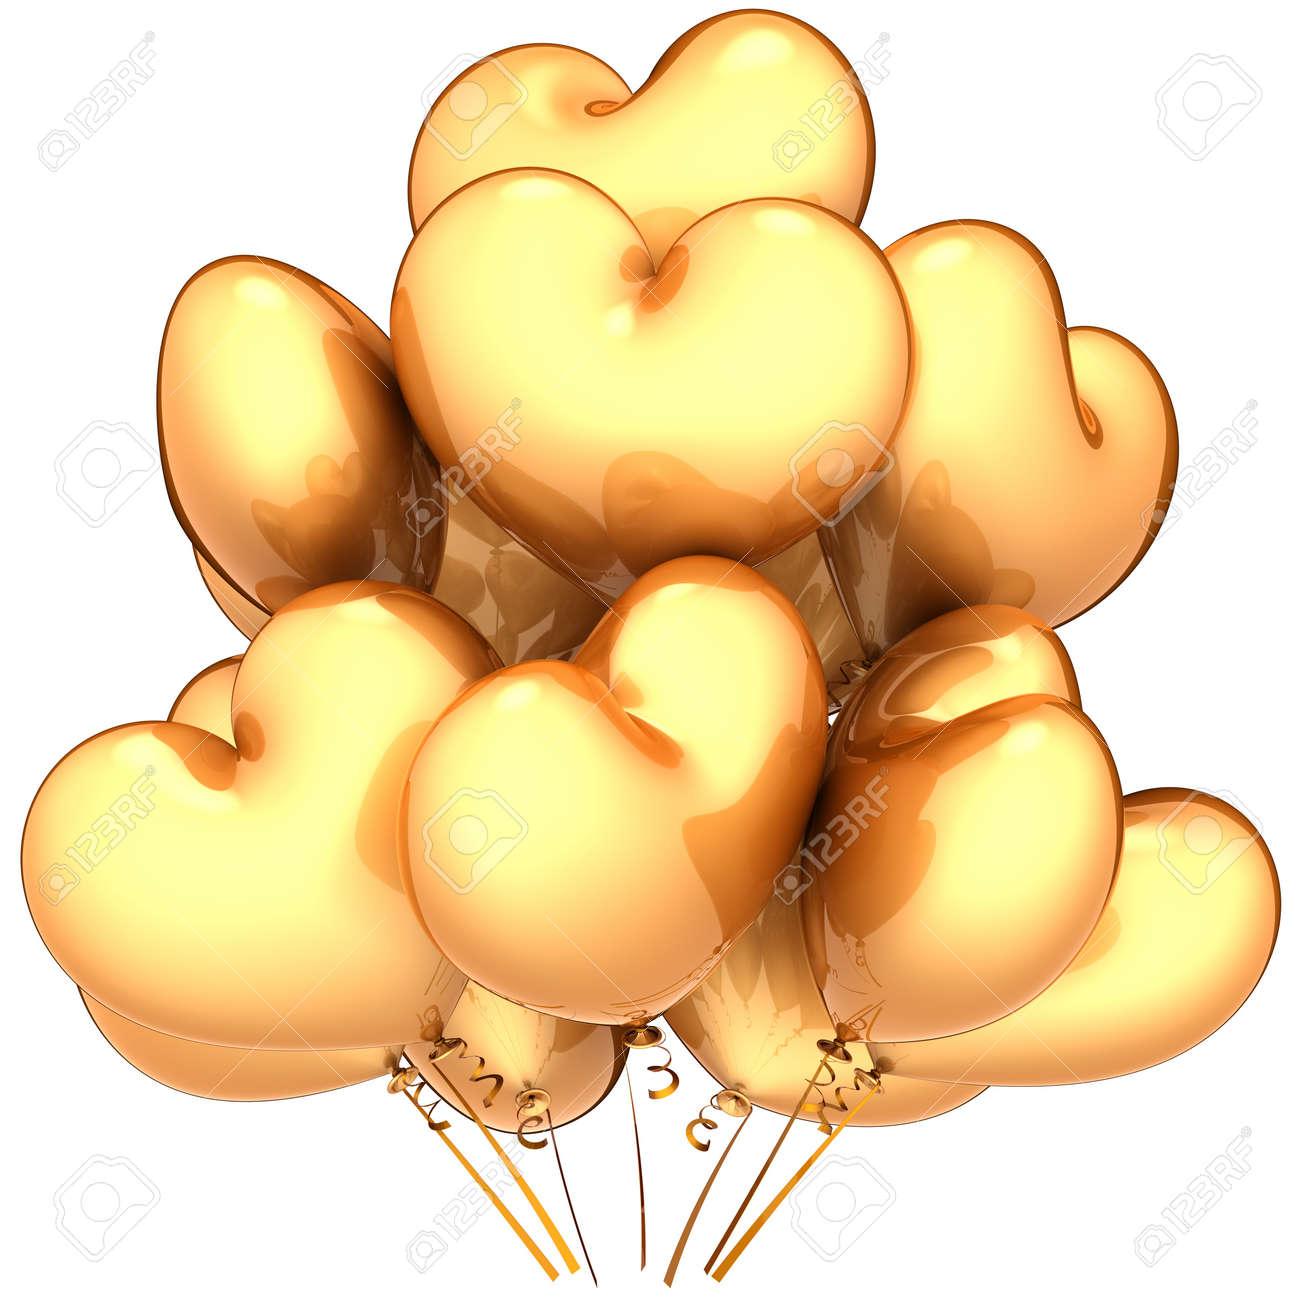 Globos Como Formas De Corazon Total De Oro Partido De Hermosa - Globos-con-formas